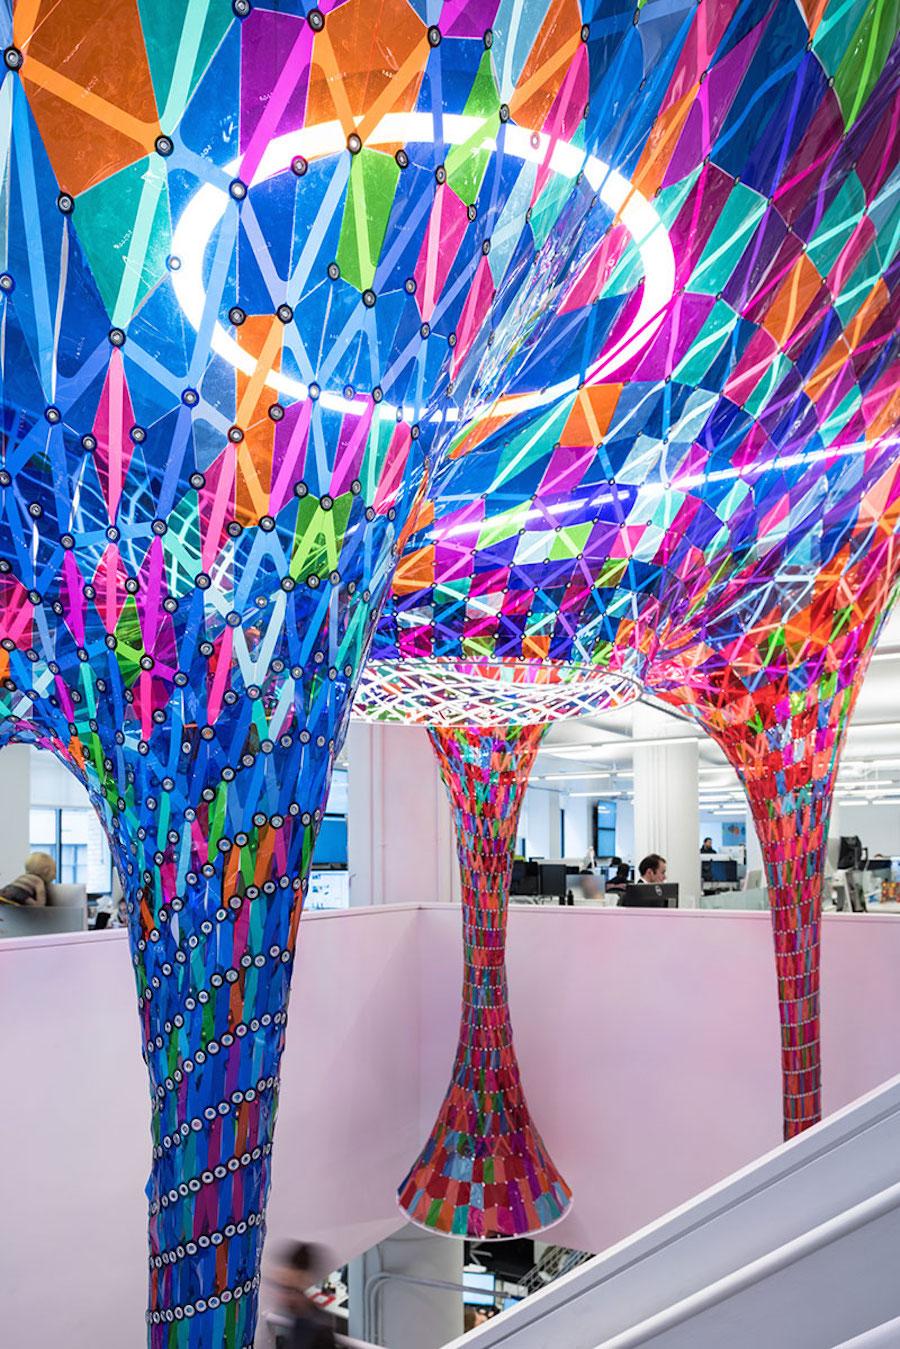 installazione-vetro-colori-behance-new-york-softlab-8